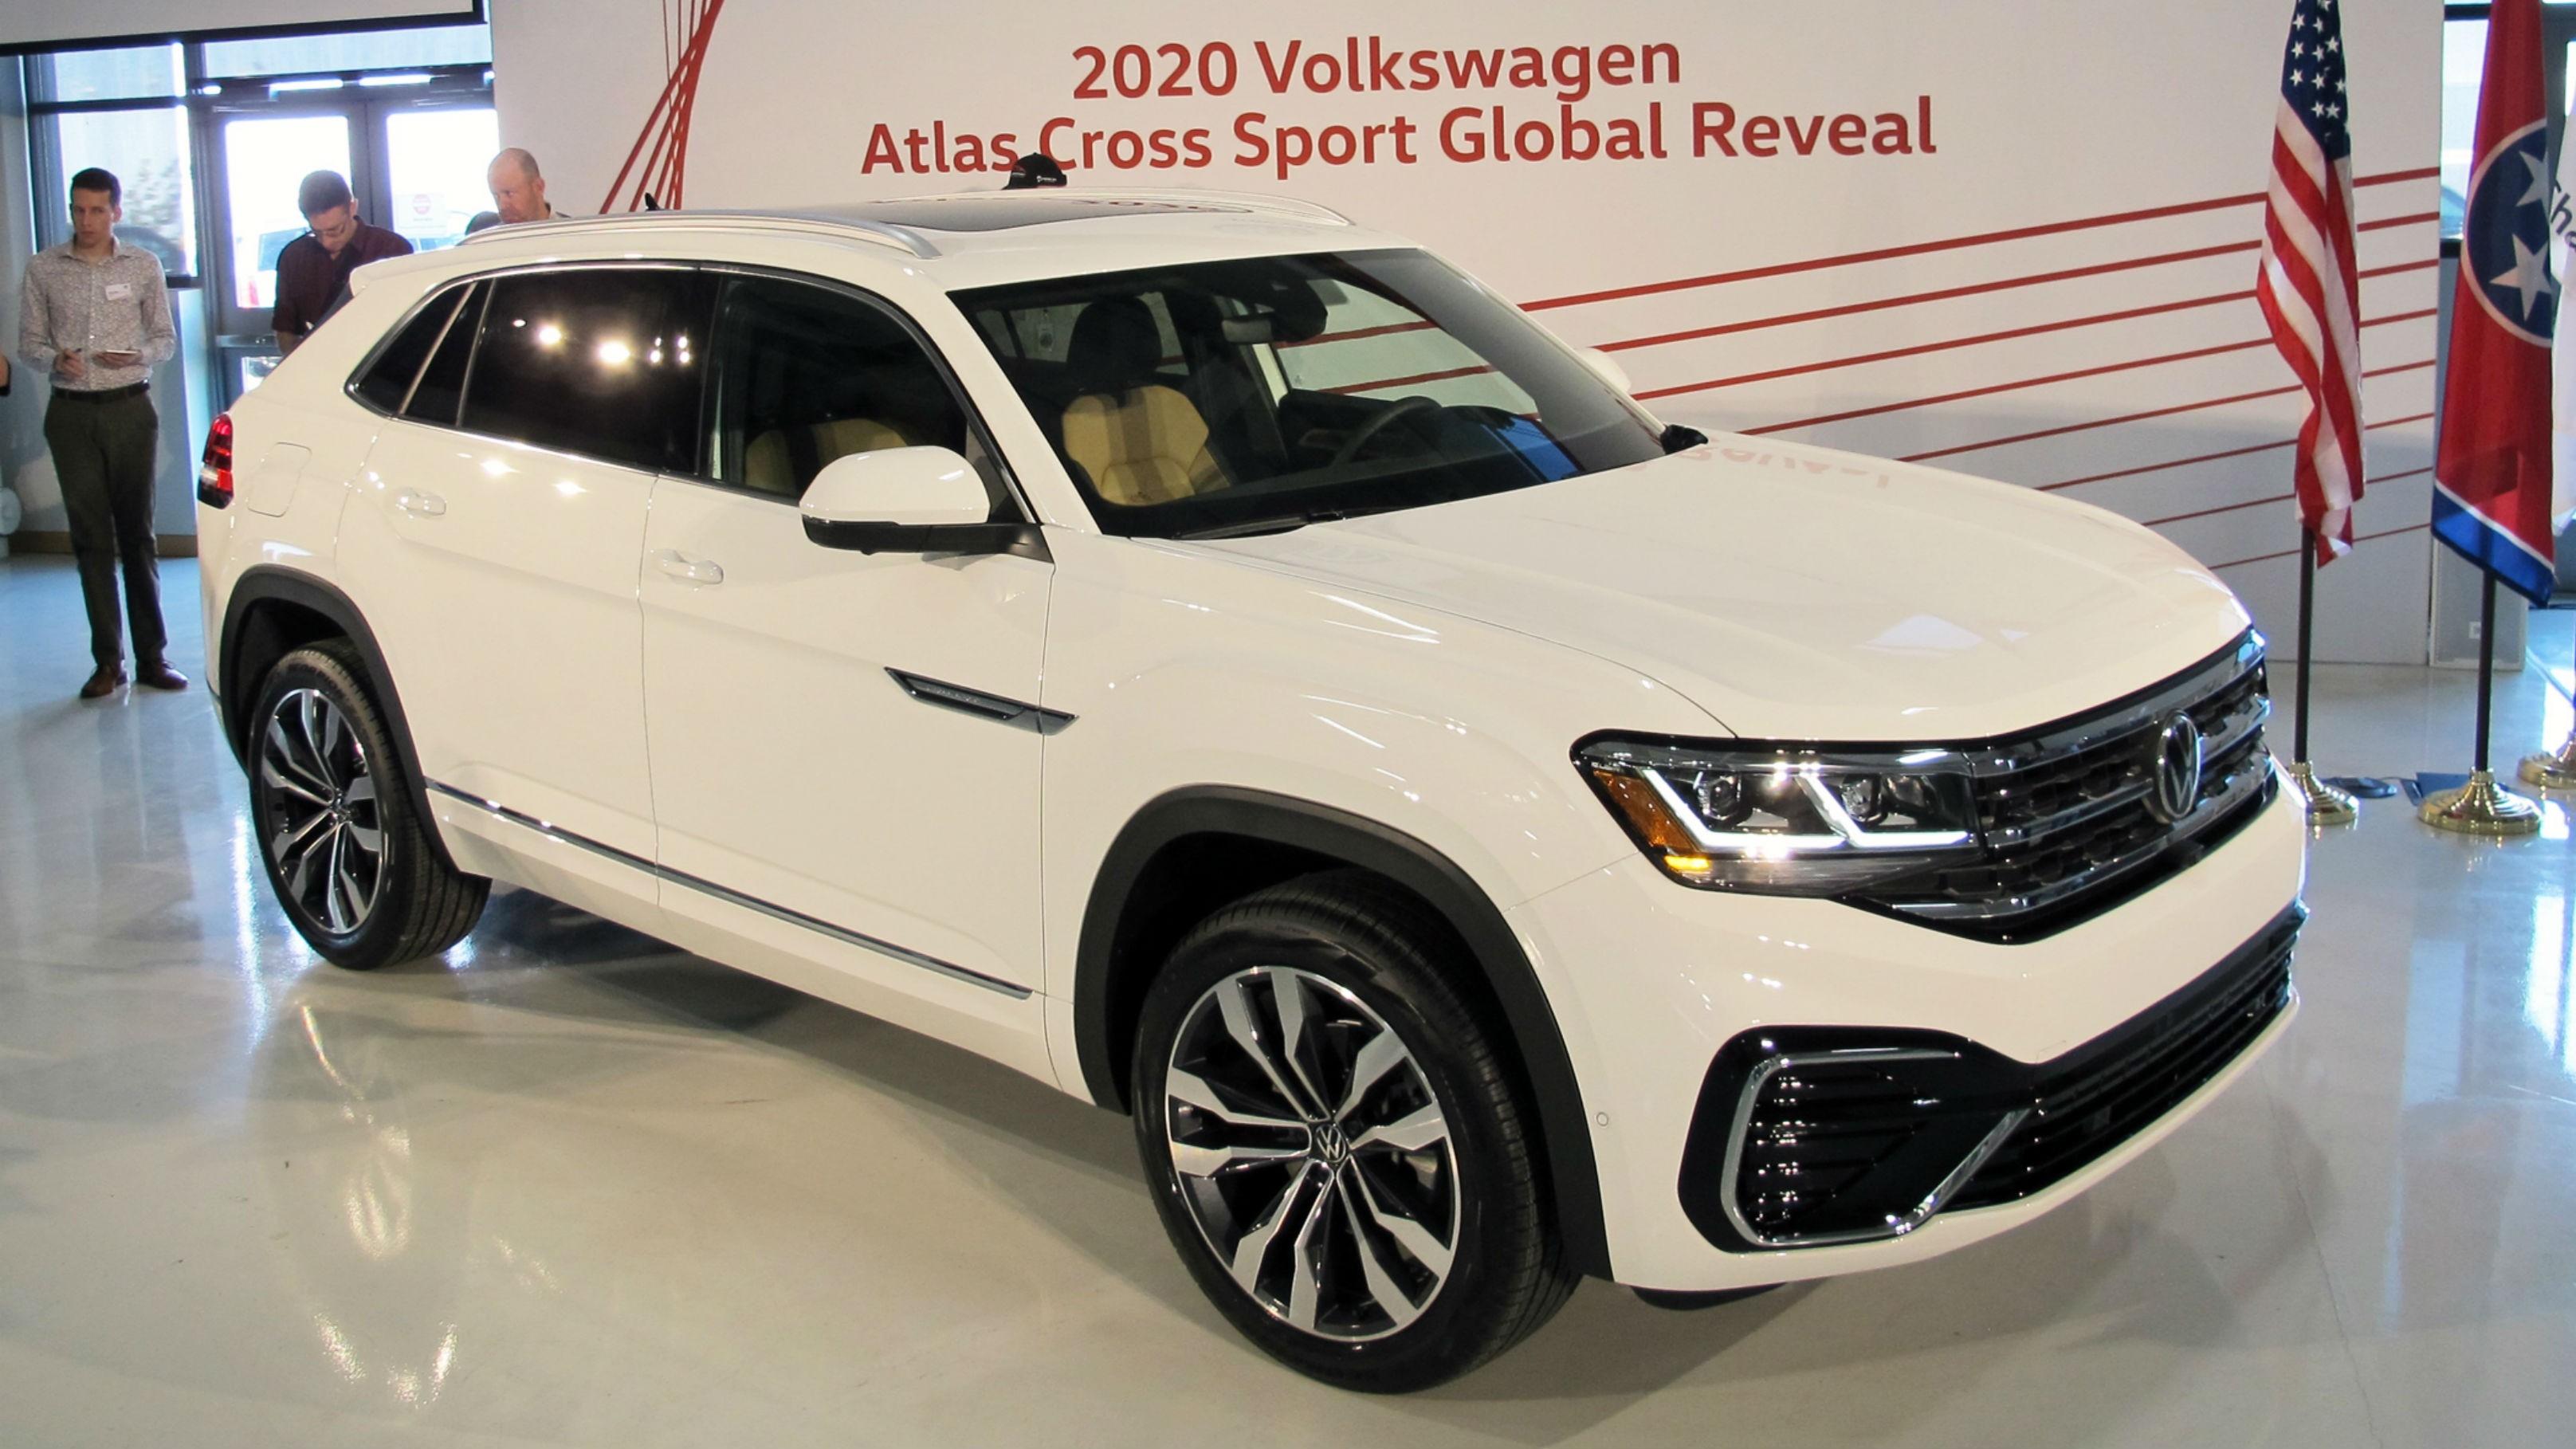 Preview: 2020 Volkswagen Atlas Cross Sport |-Hp Polytechnic Holidays Schdeule 2020